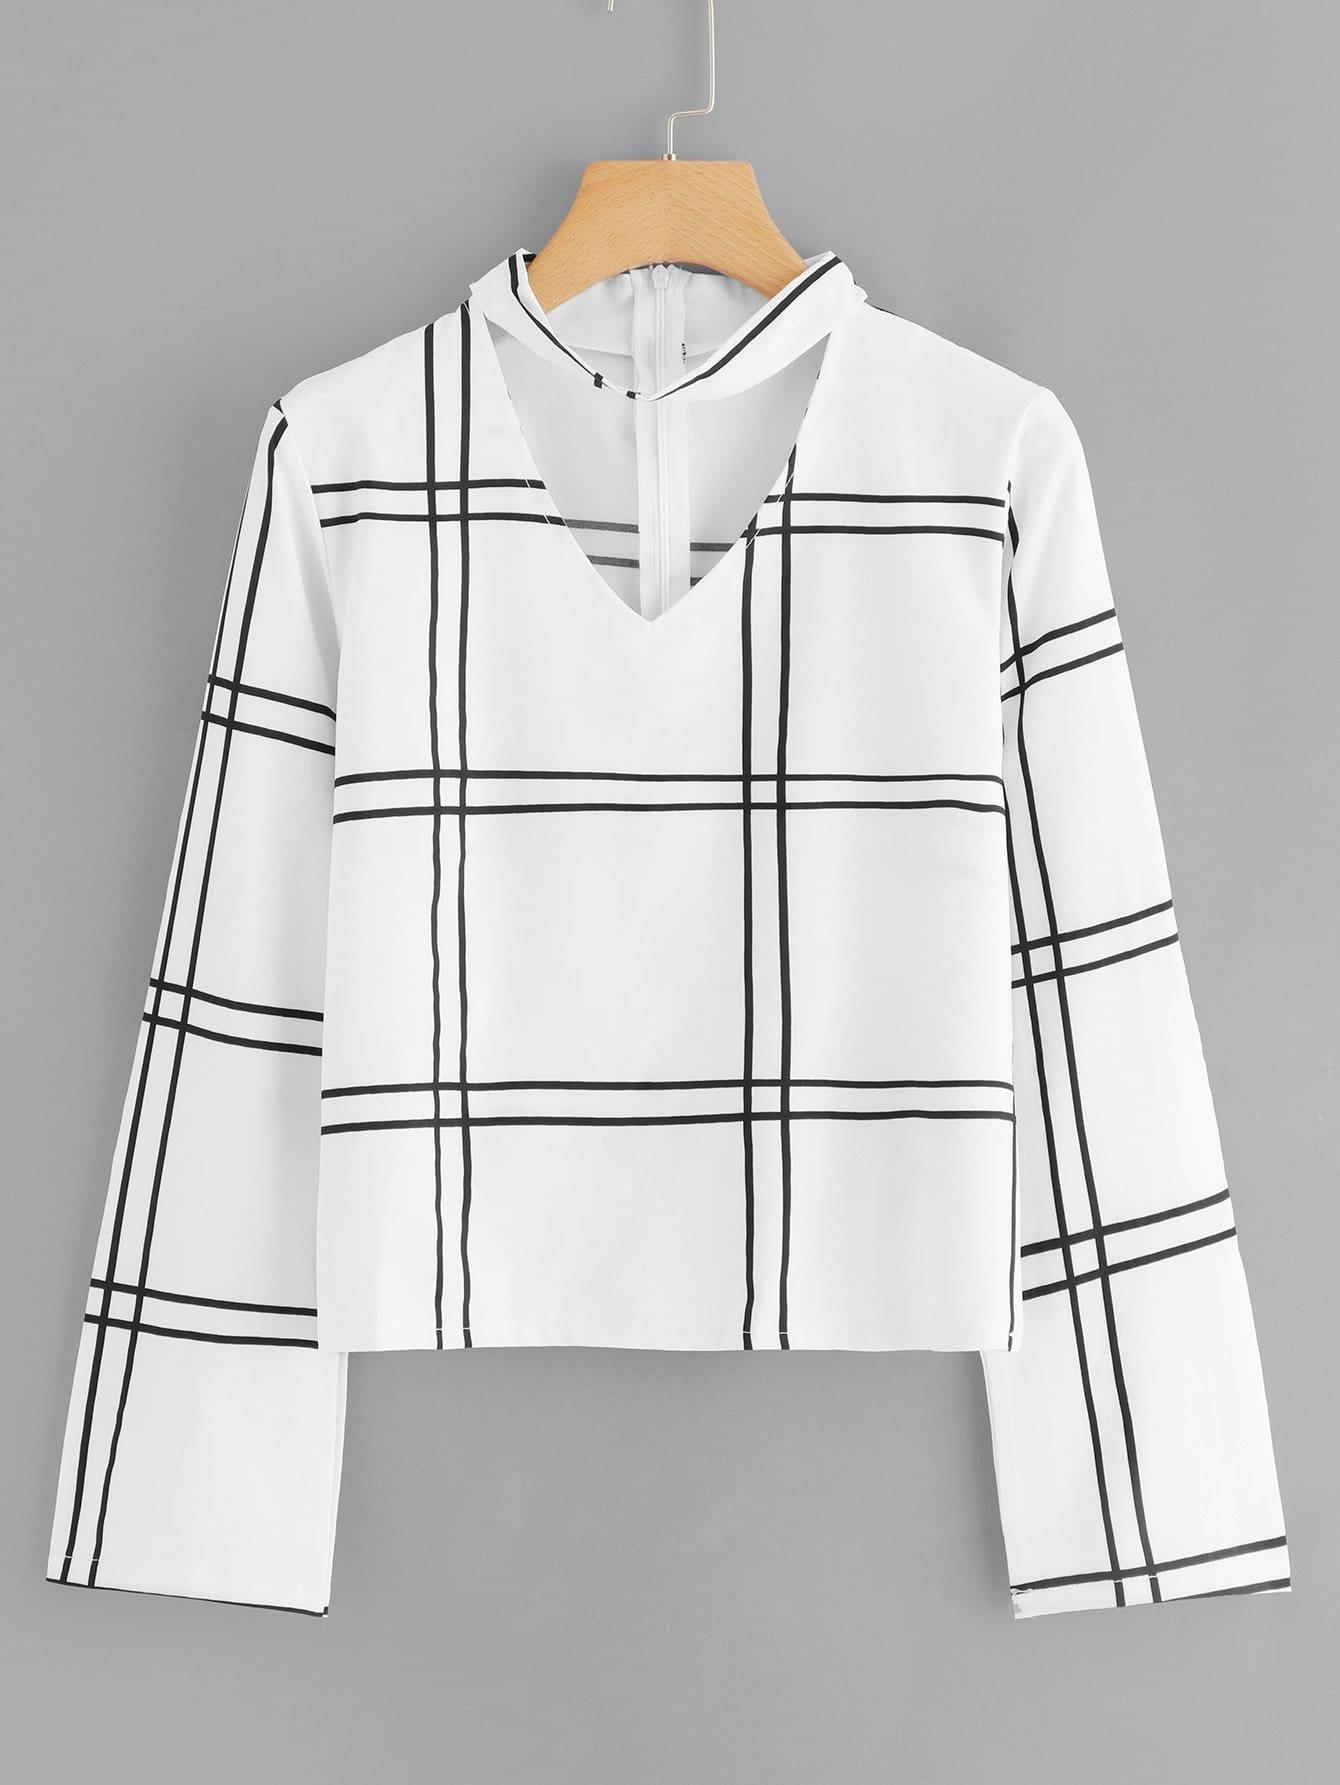 Bluse mit V Cut, Plaid und Reißverschluss hinten